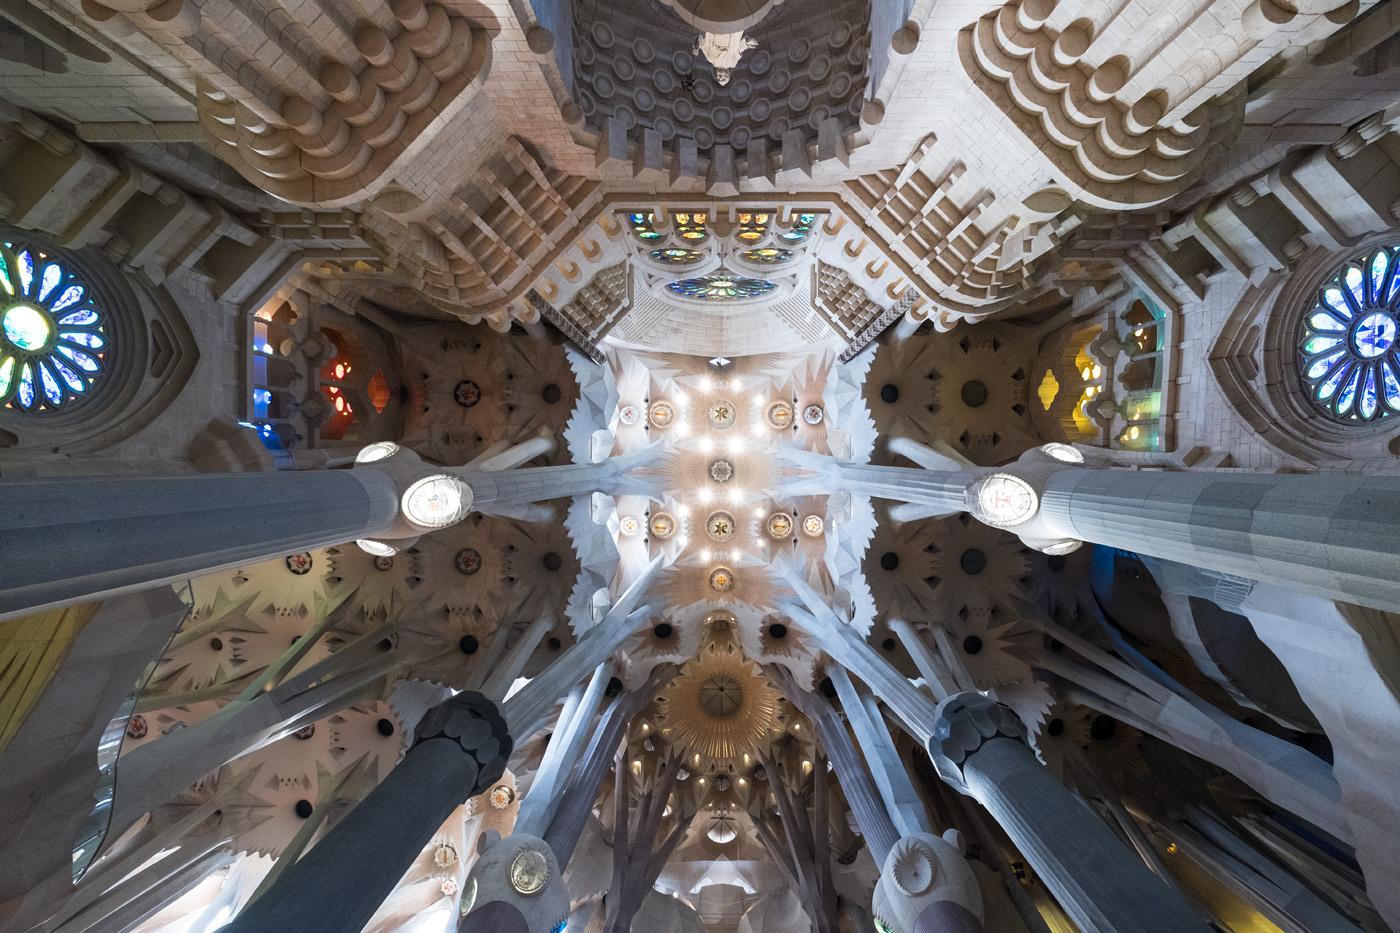 The Sagrada Familia #5